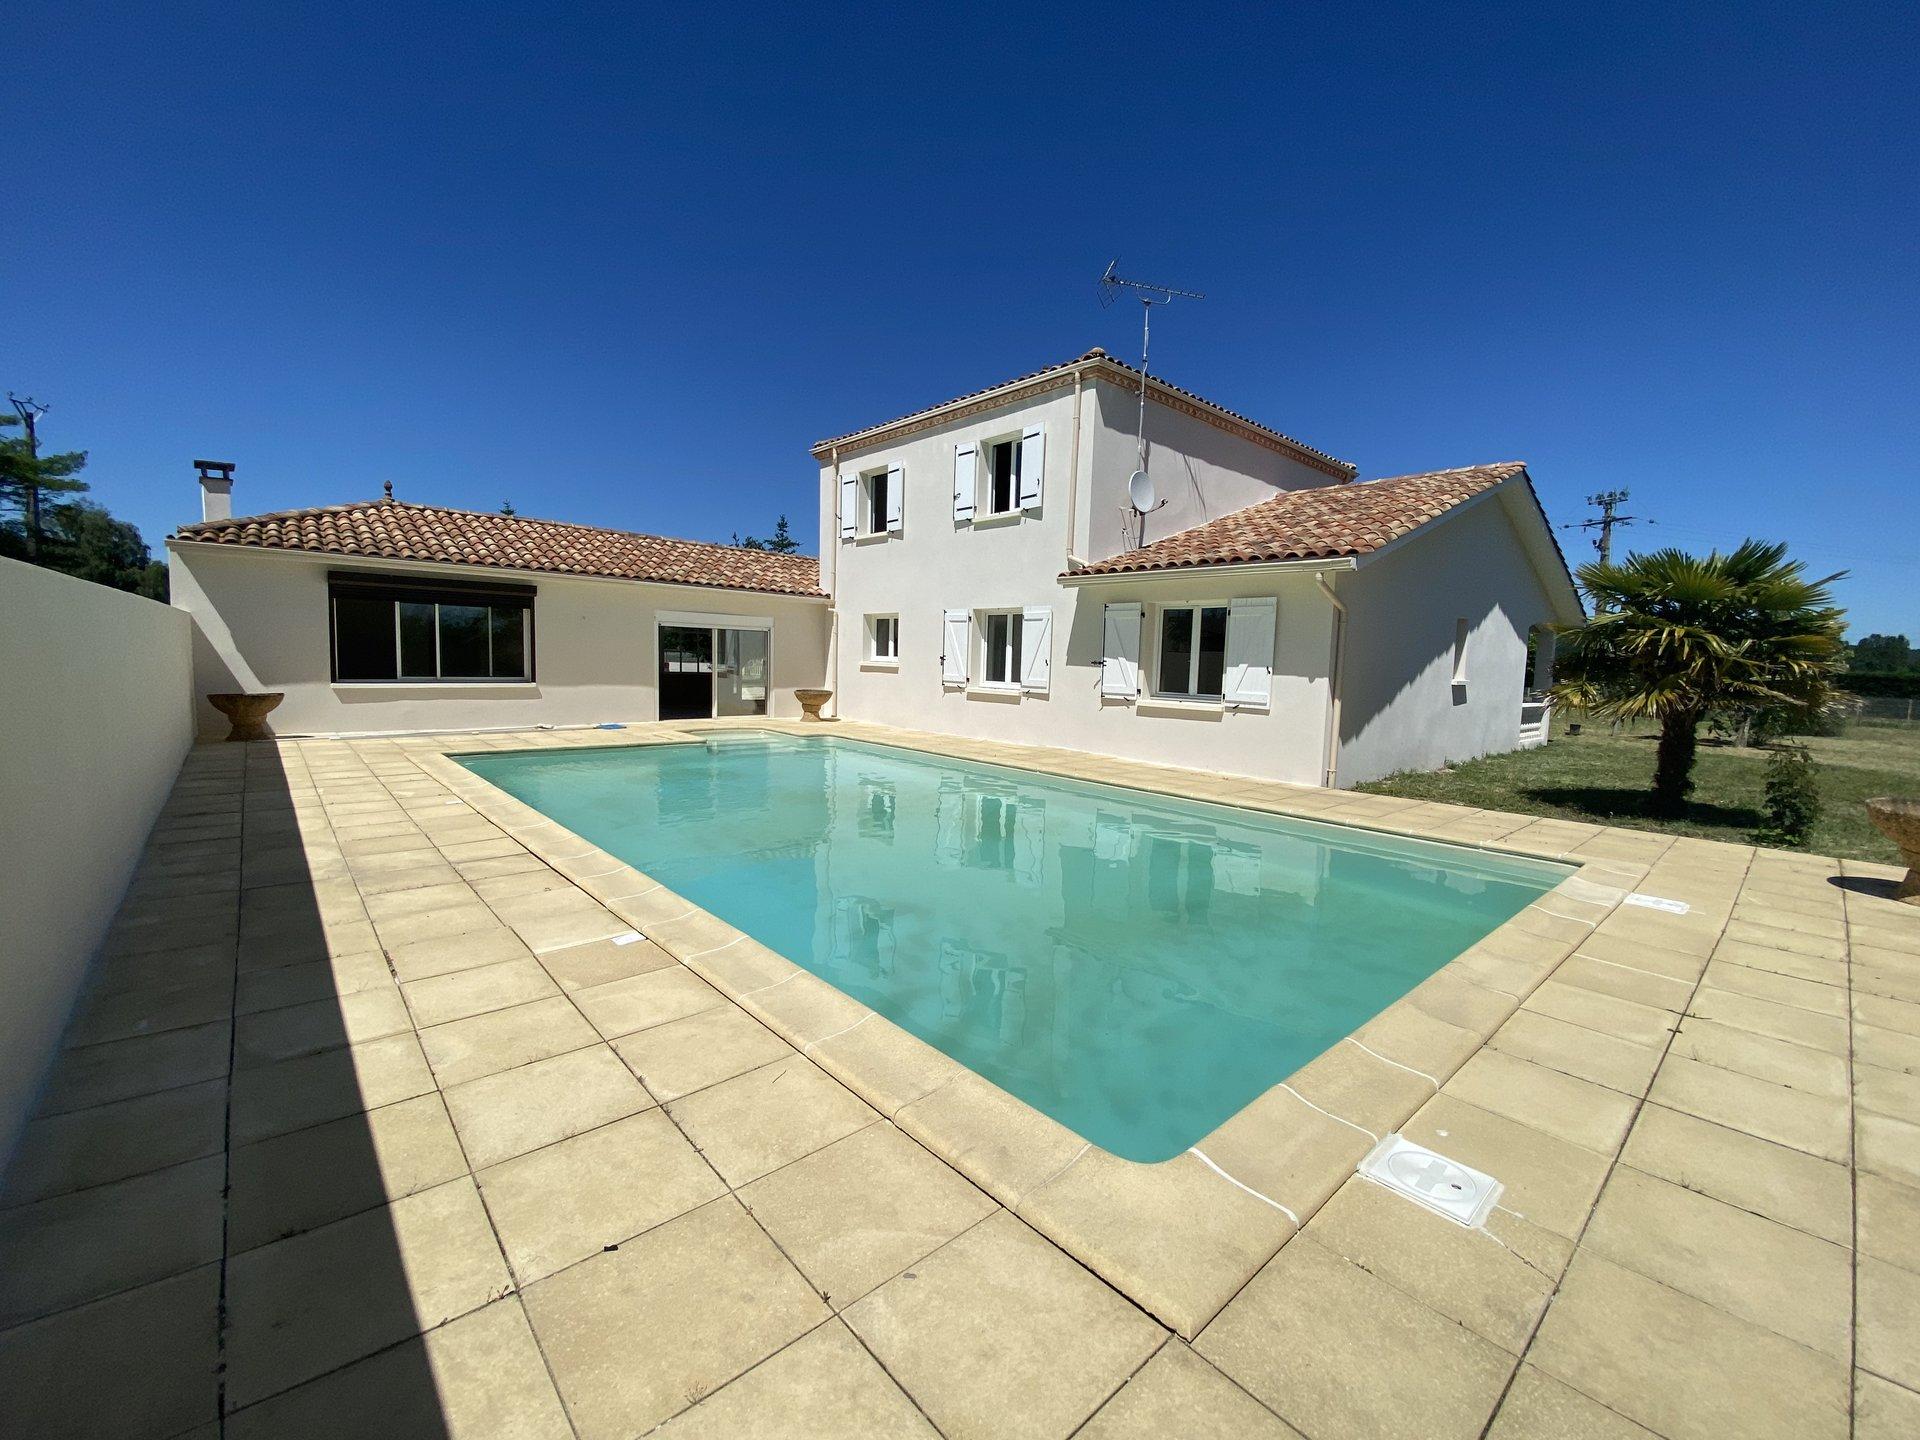 Maison style provençal avec piscine